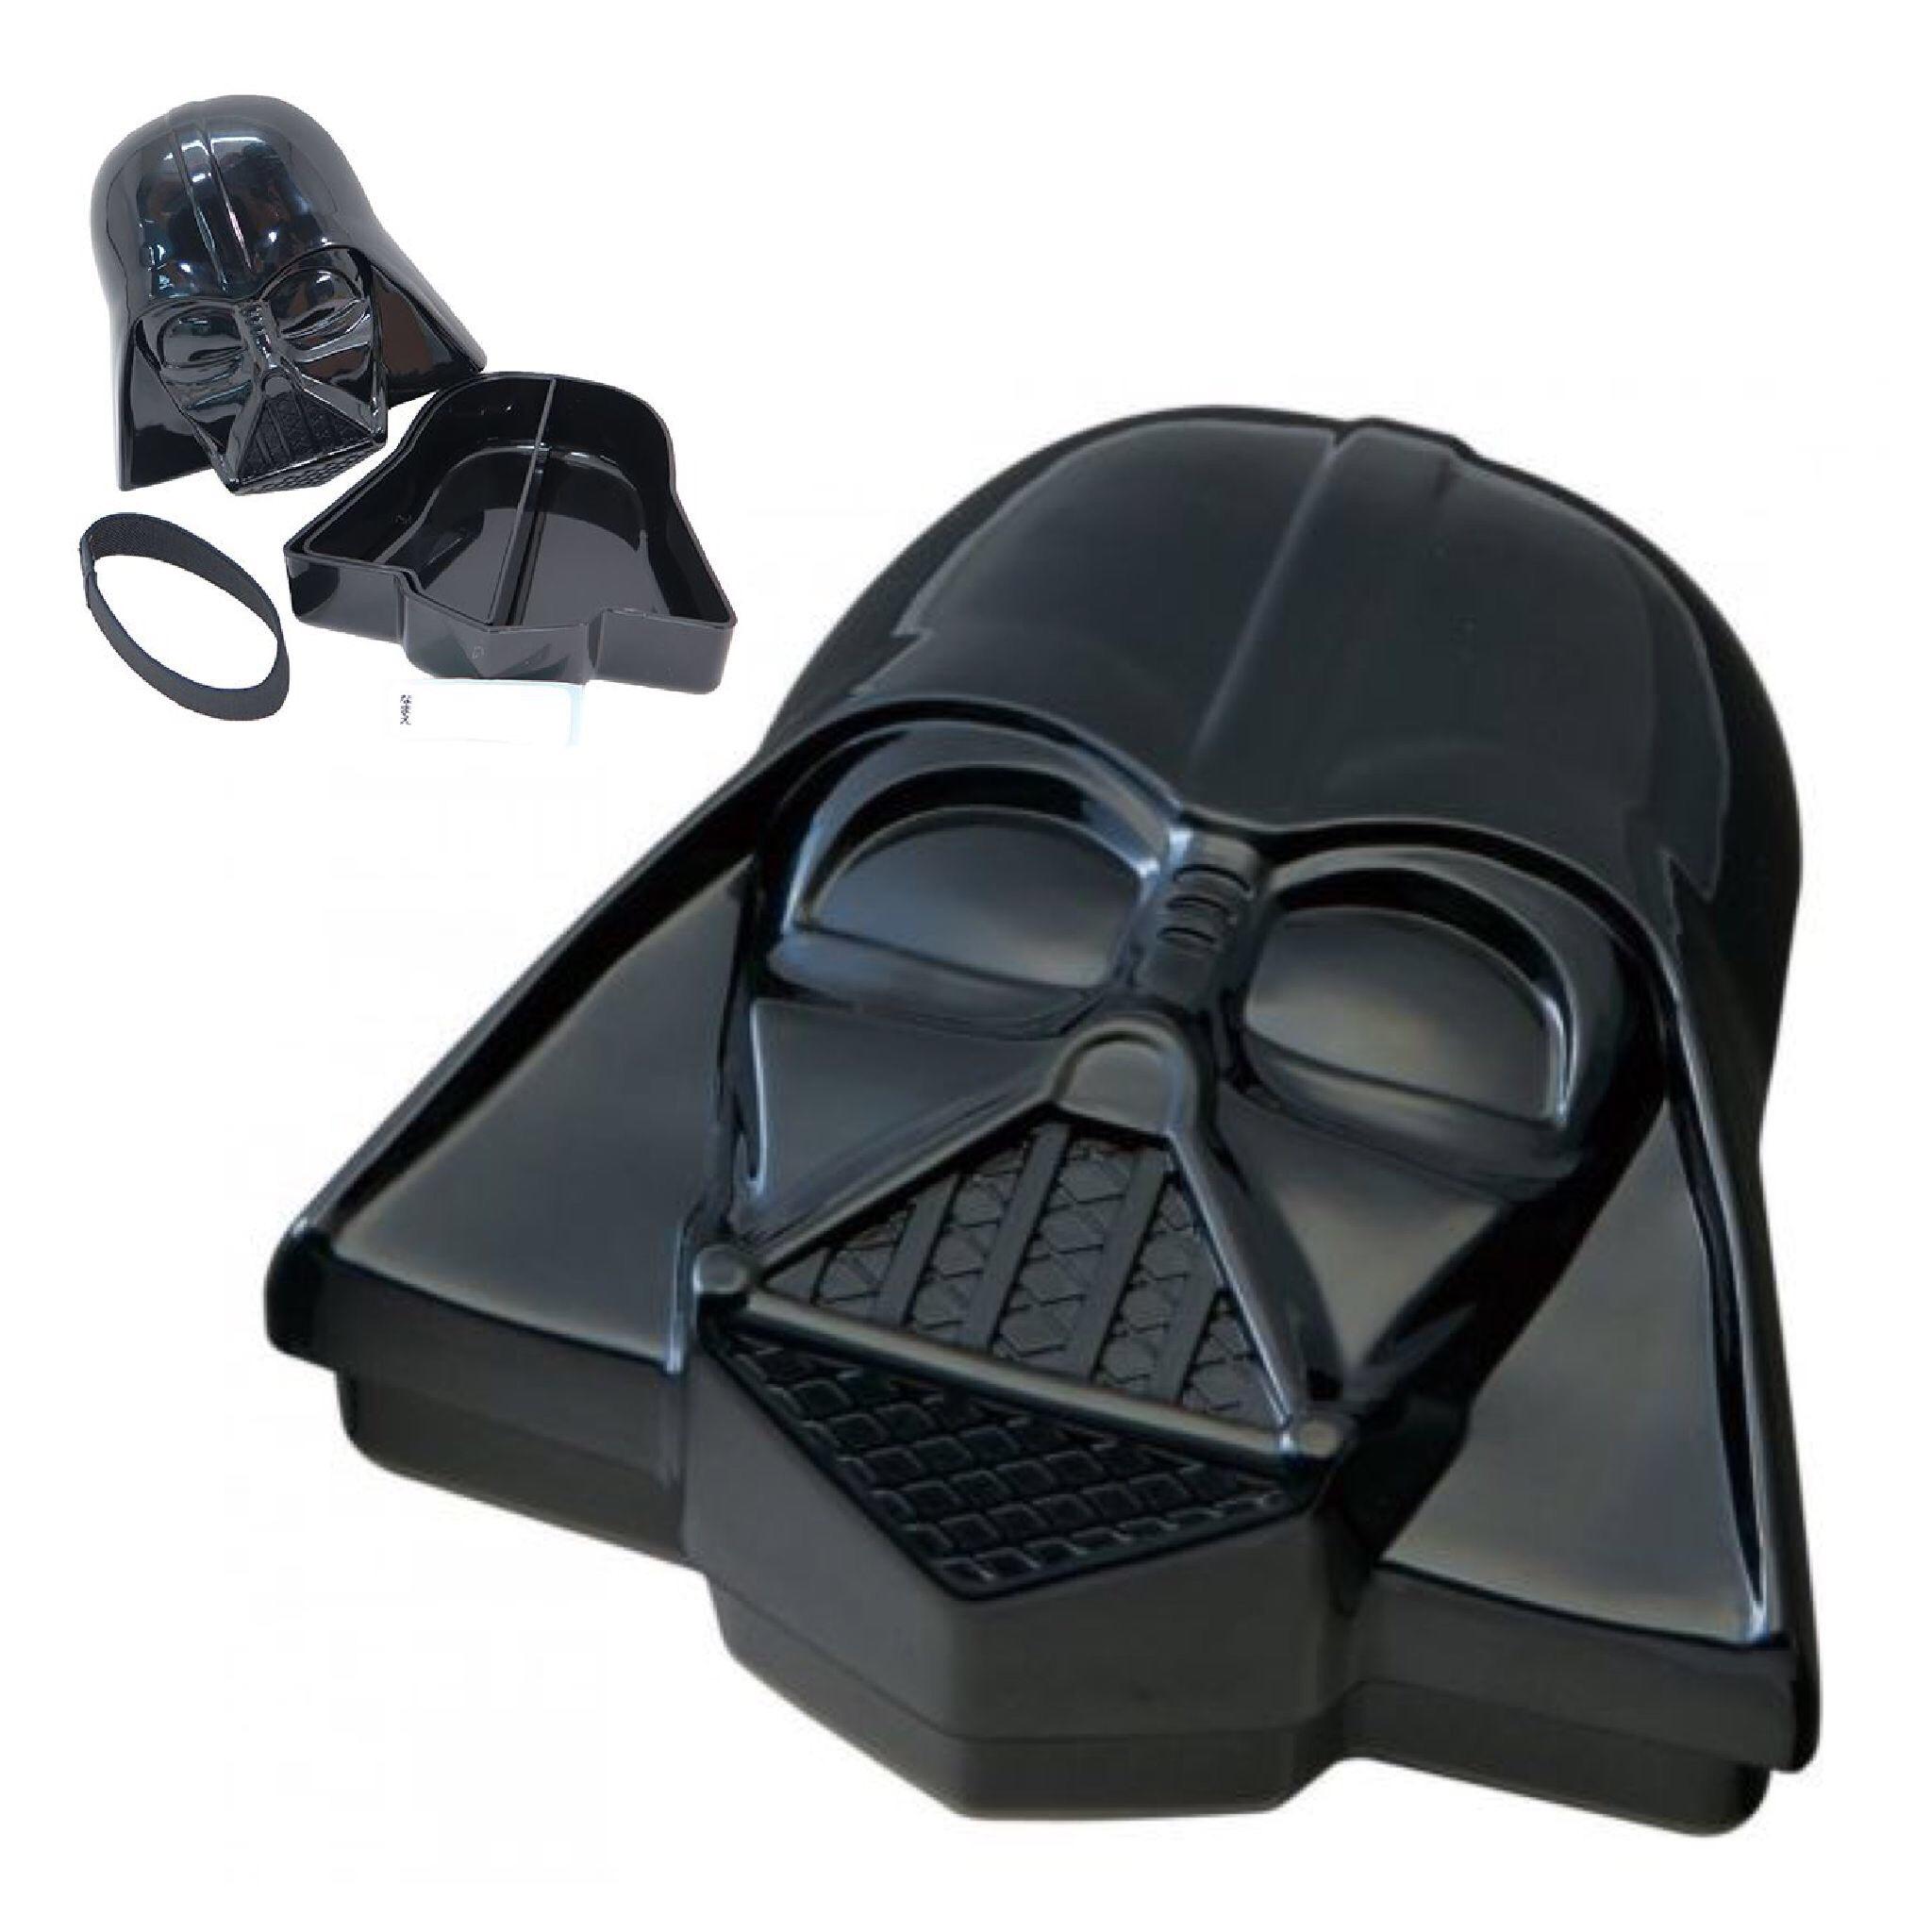 กล่องบรรจุอาหารกลางวันและของว่าง Skater Bento Lunch Box (Star Wars Darth Vader)